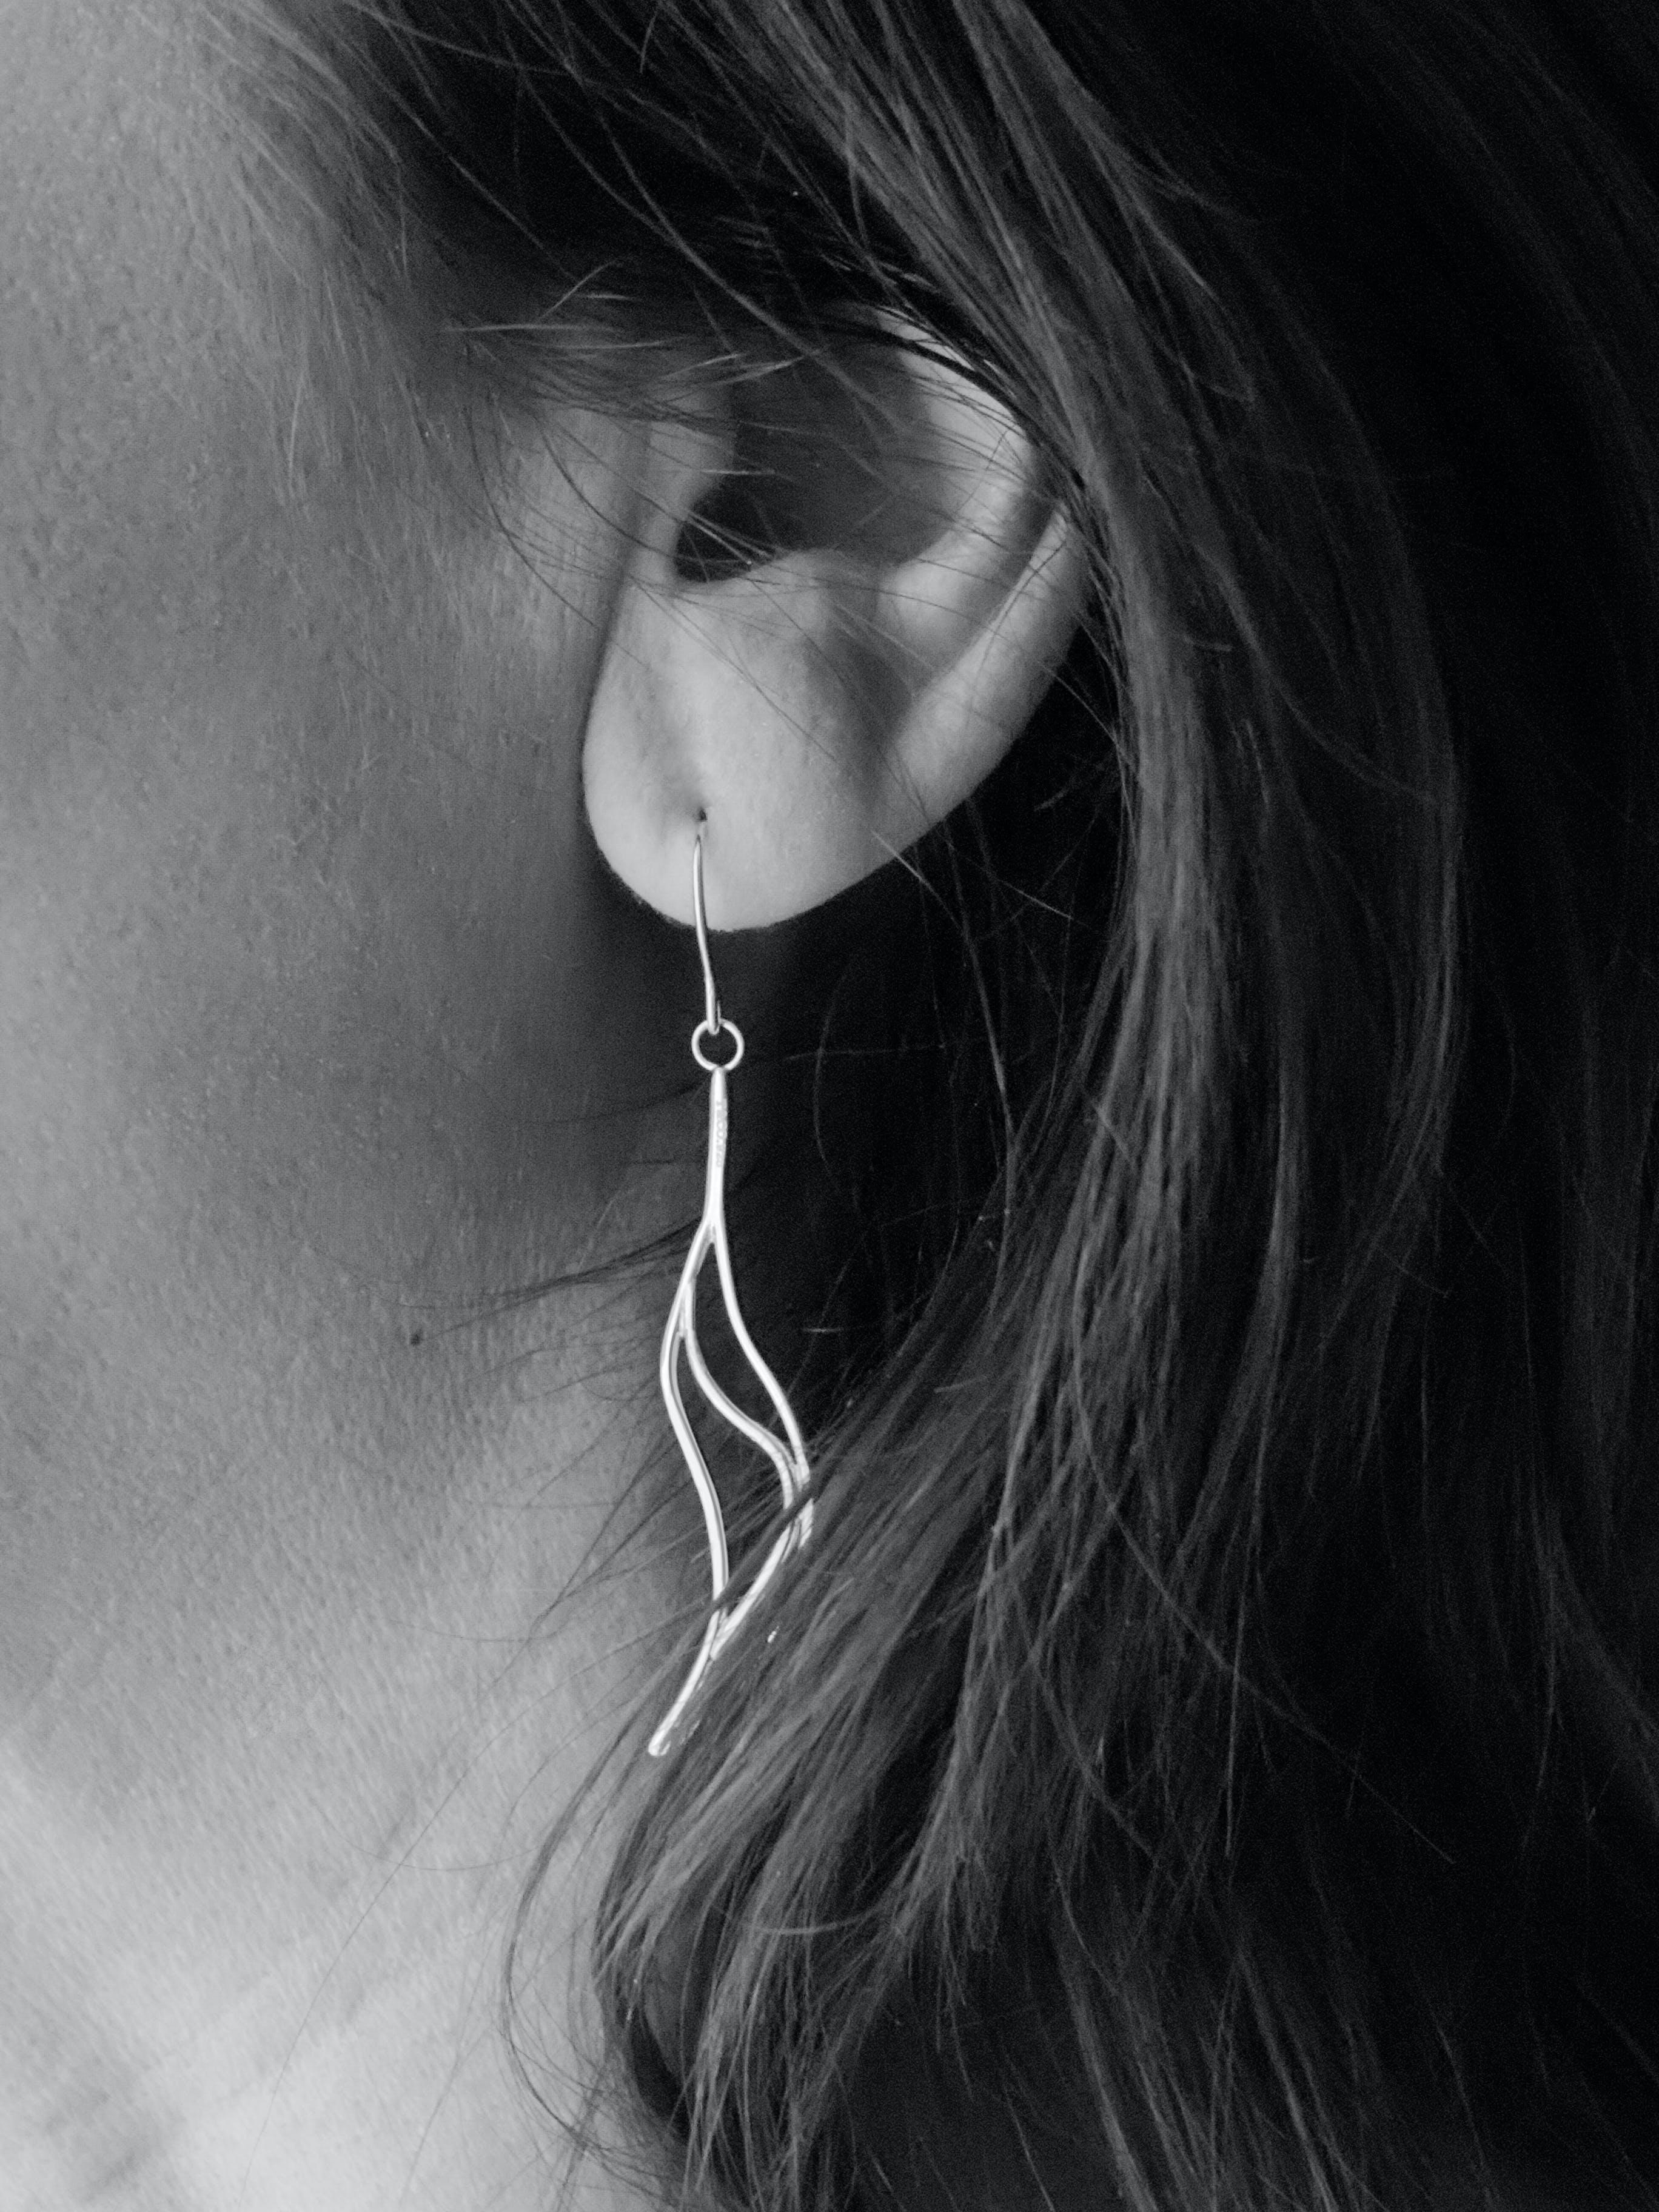 Grayscale Photo of Woman's Hook Earrings